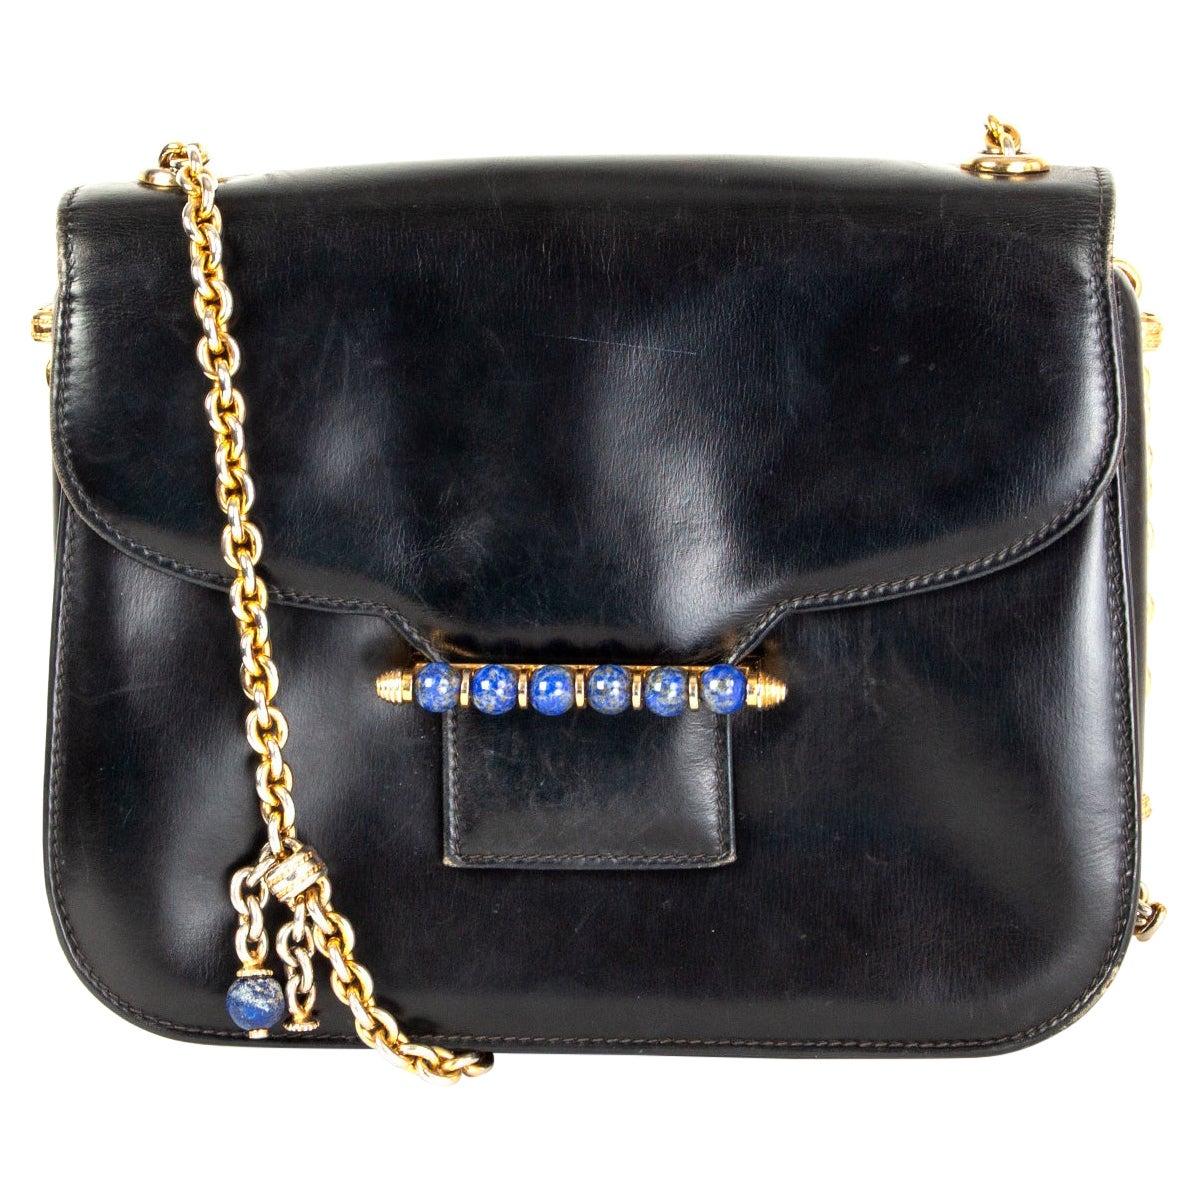 GUCCI black leather LAPIS EMBELLISHED VINTAGE Shoulder Bag